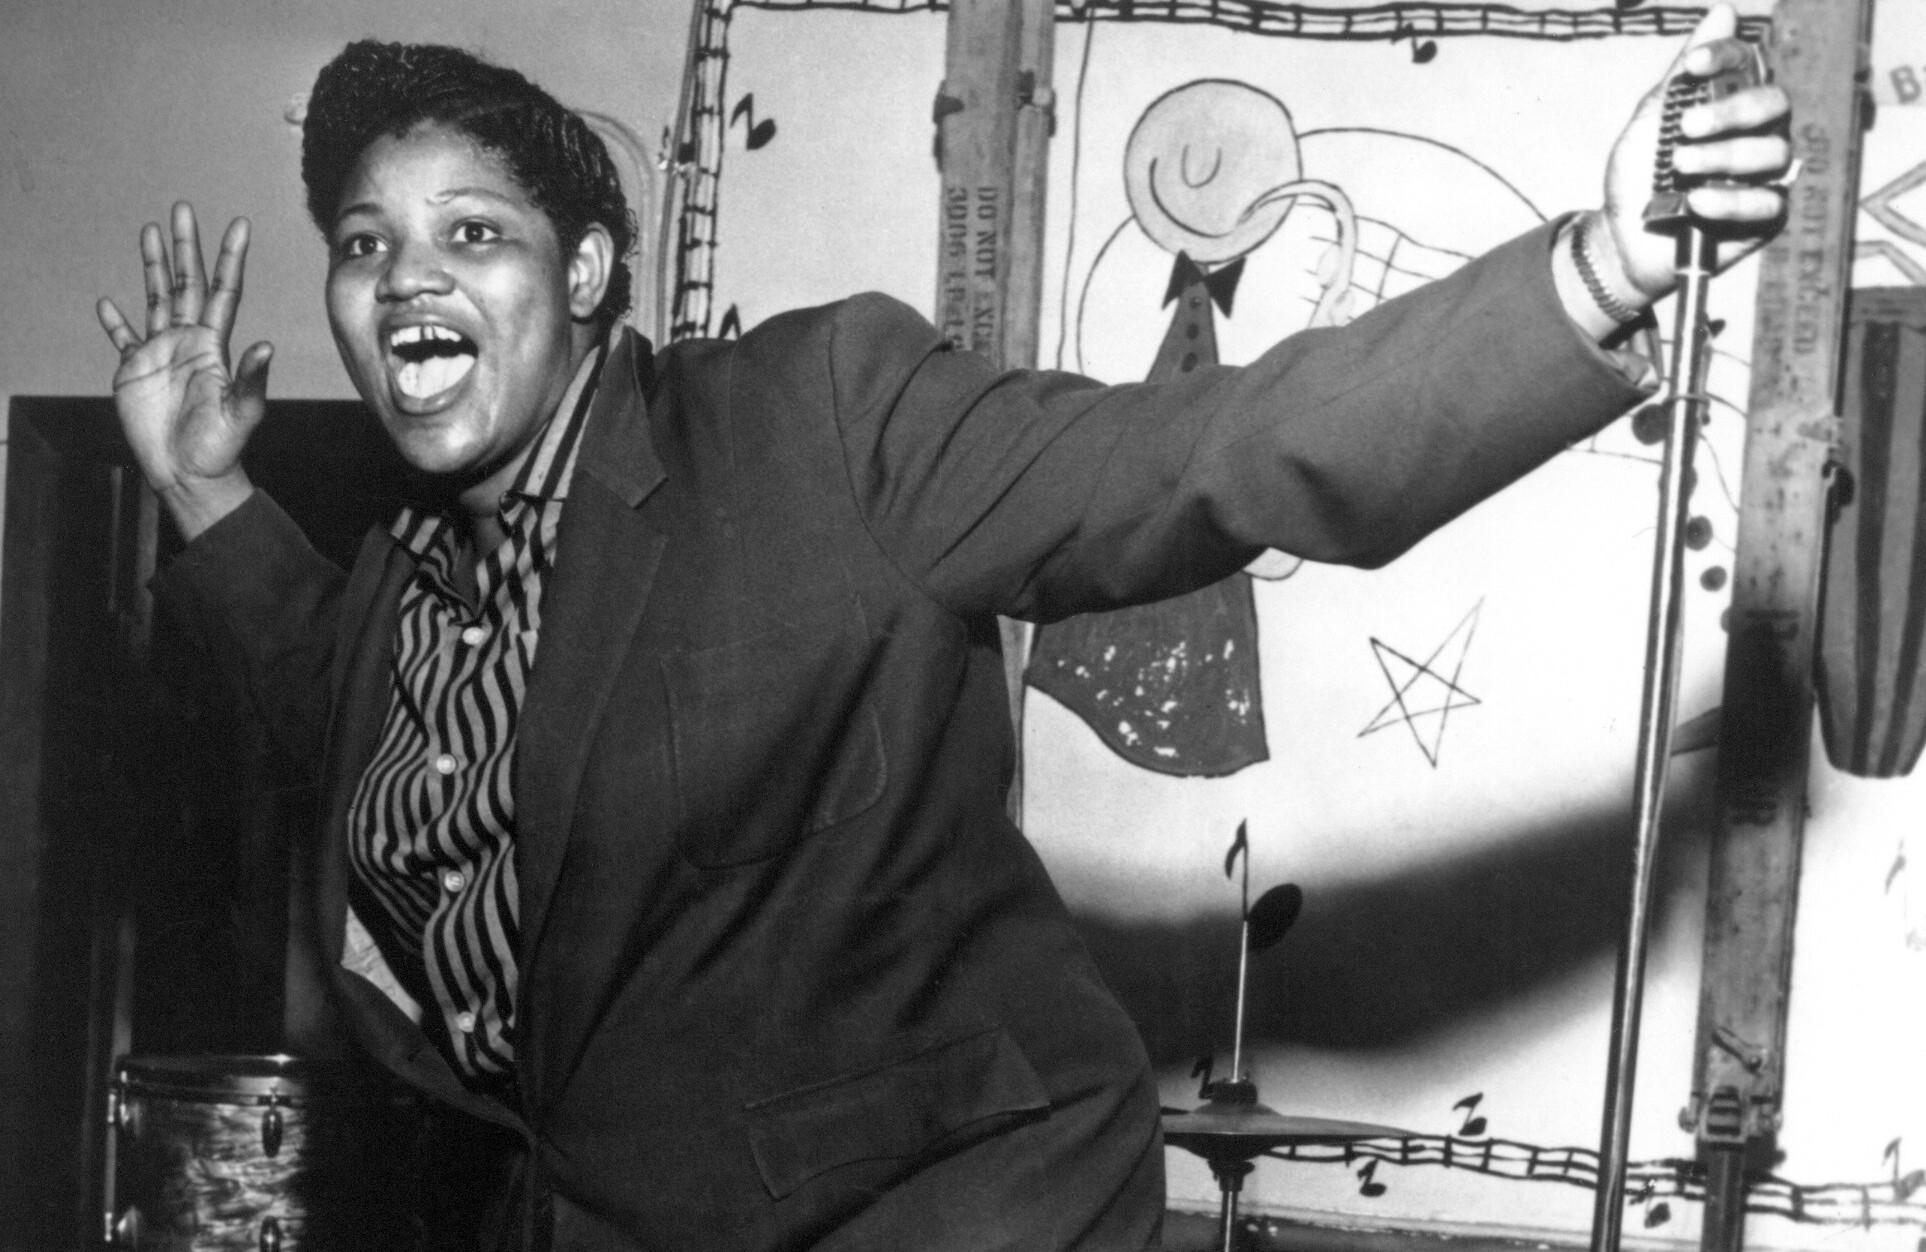 Original Rock 'n' Rollers: Black History Month Spotlight